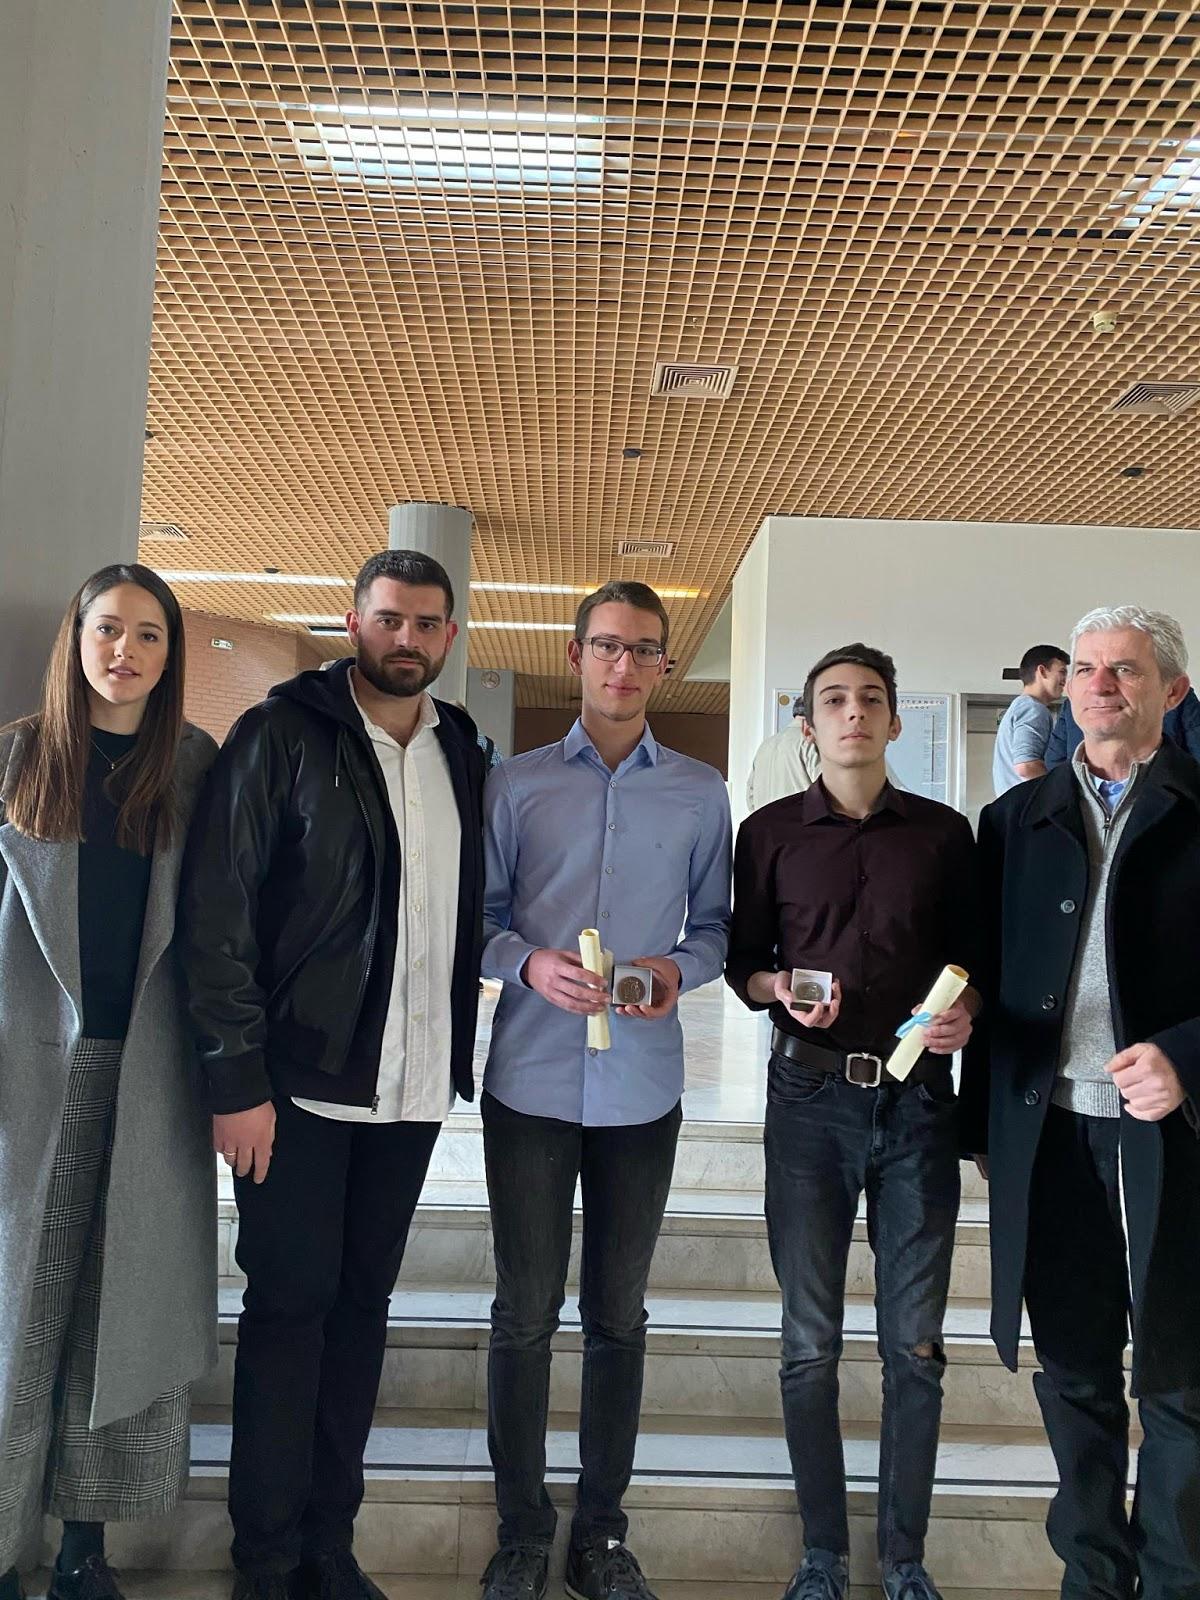 Δύο μετάλλια σε Λαρισαίους μαθητές στην Εθνική Μαθηματική Ολυμπιάδα